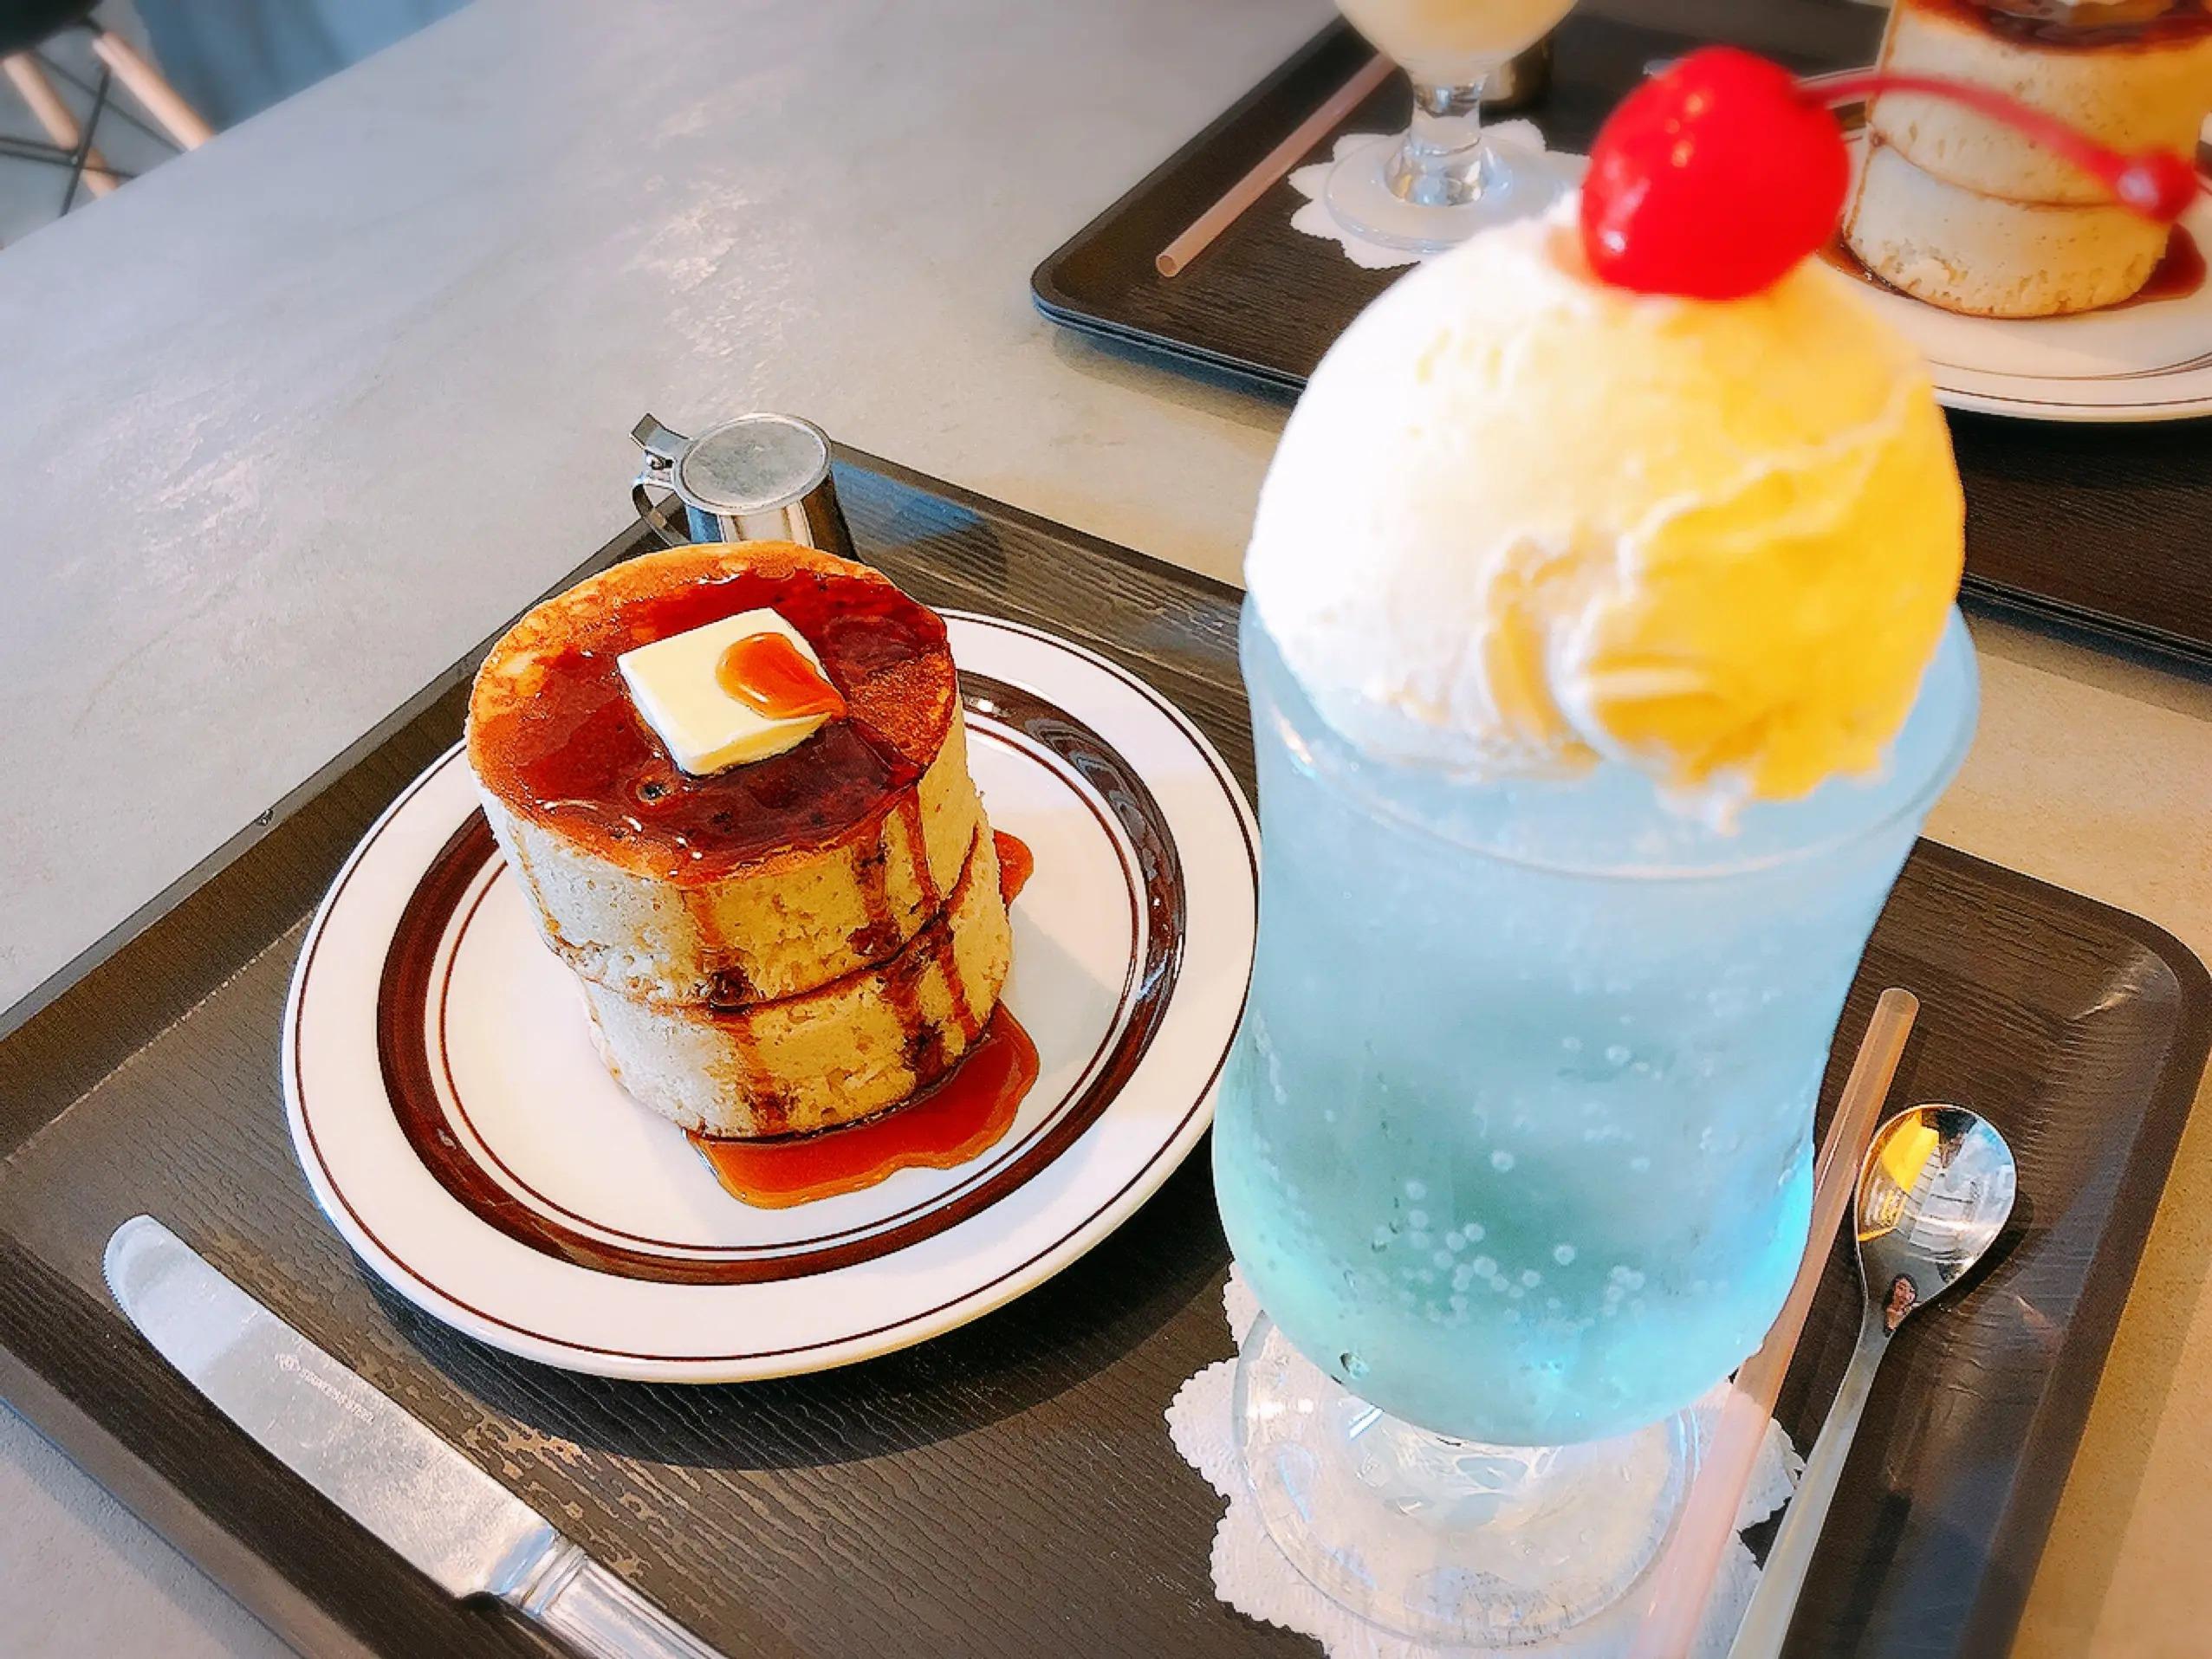 『セブン-イレブン』×「恋あた」シュークリームはもう食べた?【今週のMOREインフルエンサーズライフスタイル人気ランキング】_2